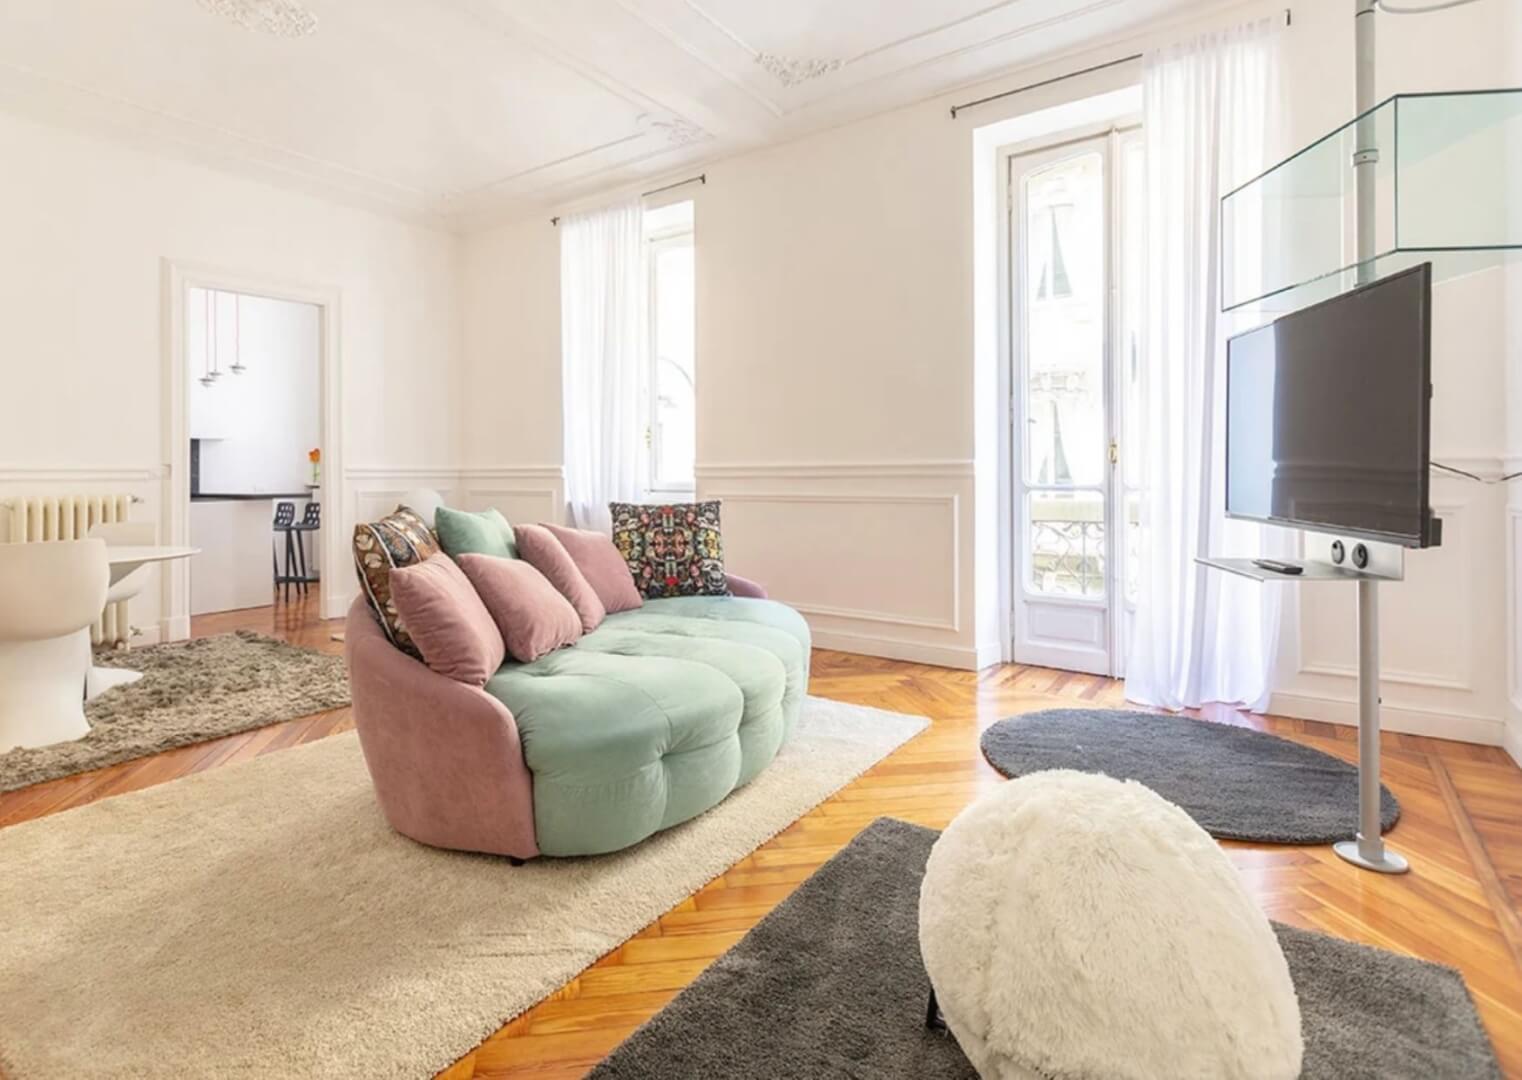 boiserie in soggiorno biannco con divano, televisione e tappeti